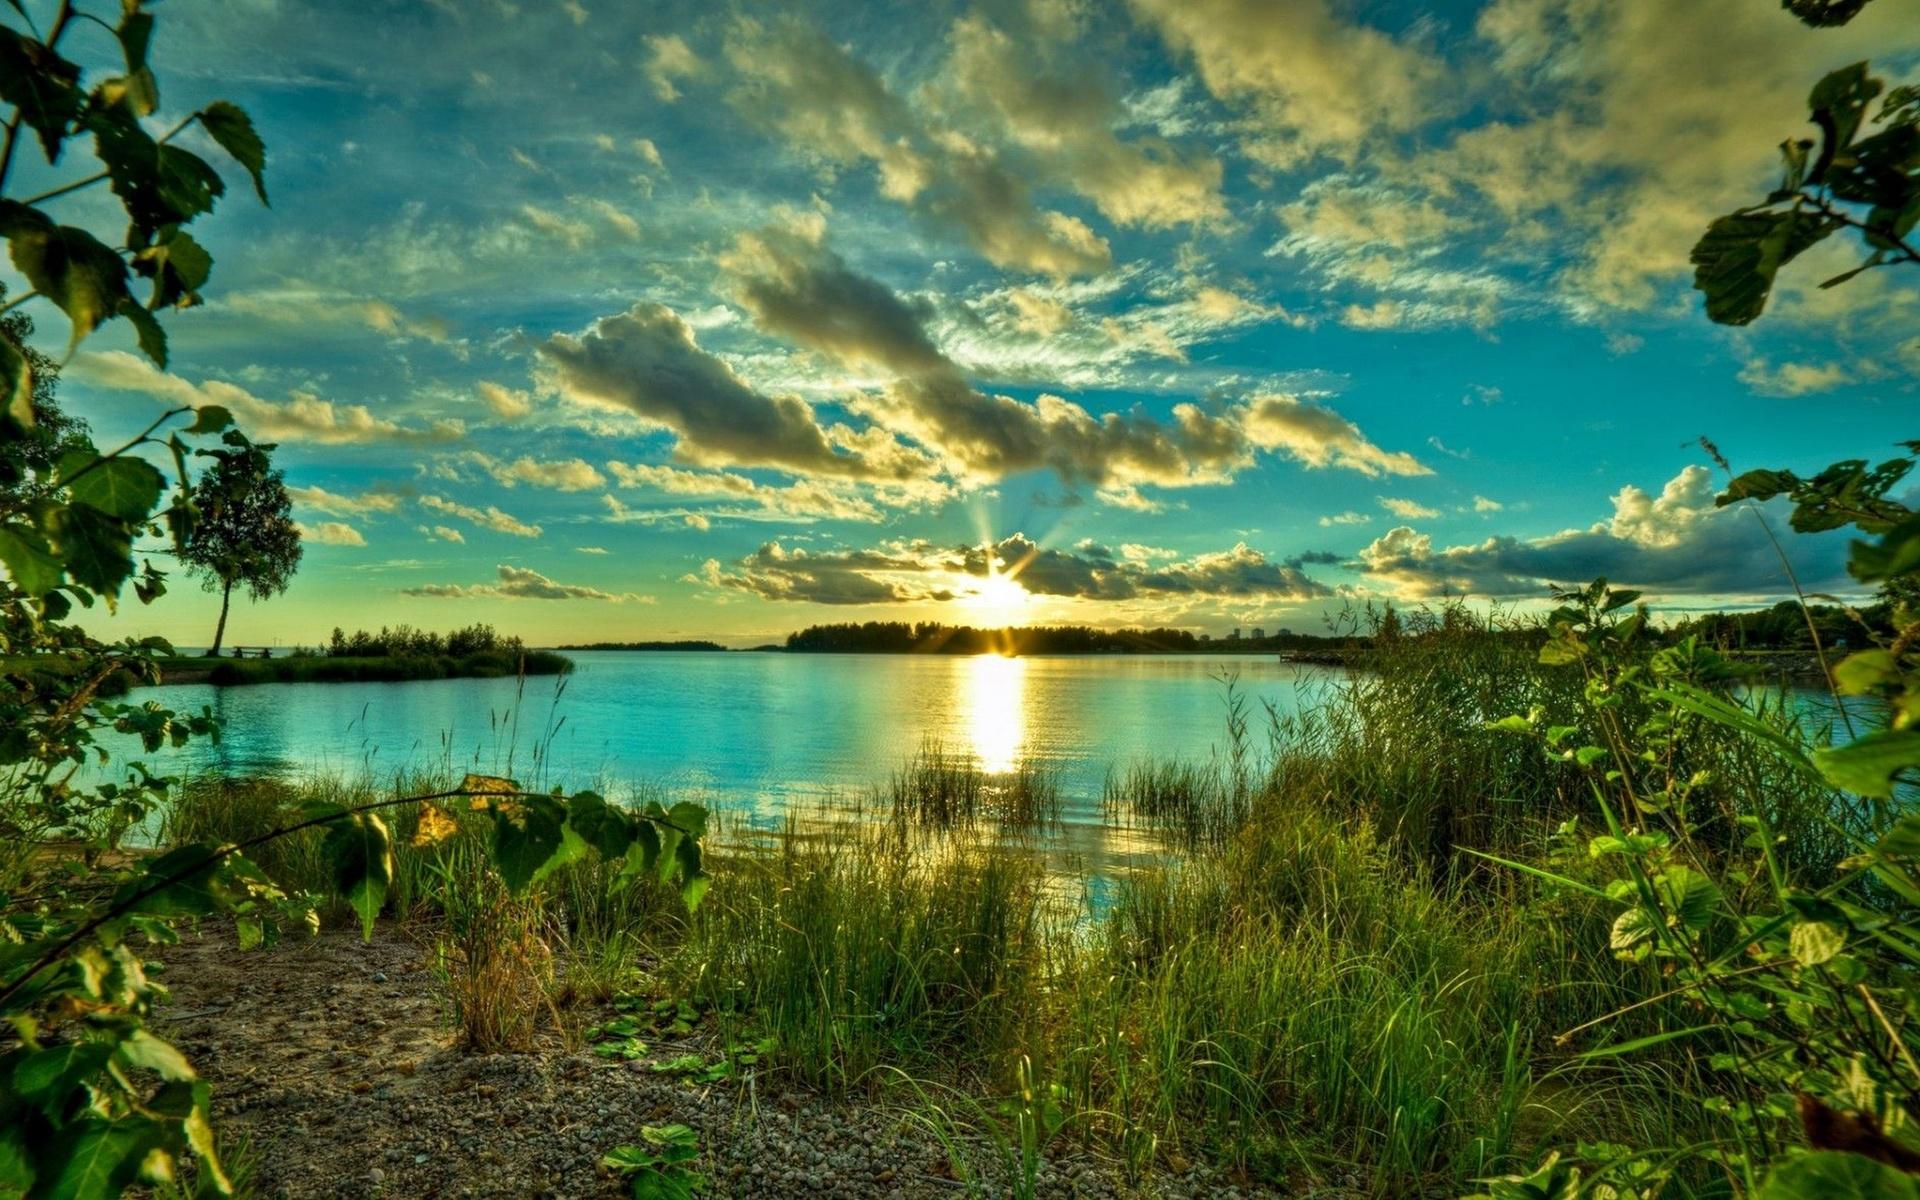 красивые картинки лето солнце река нет места вычурности